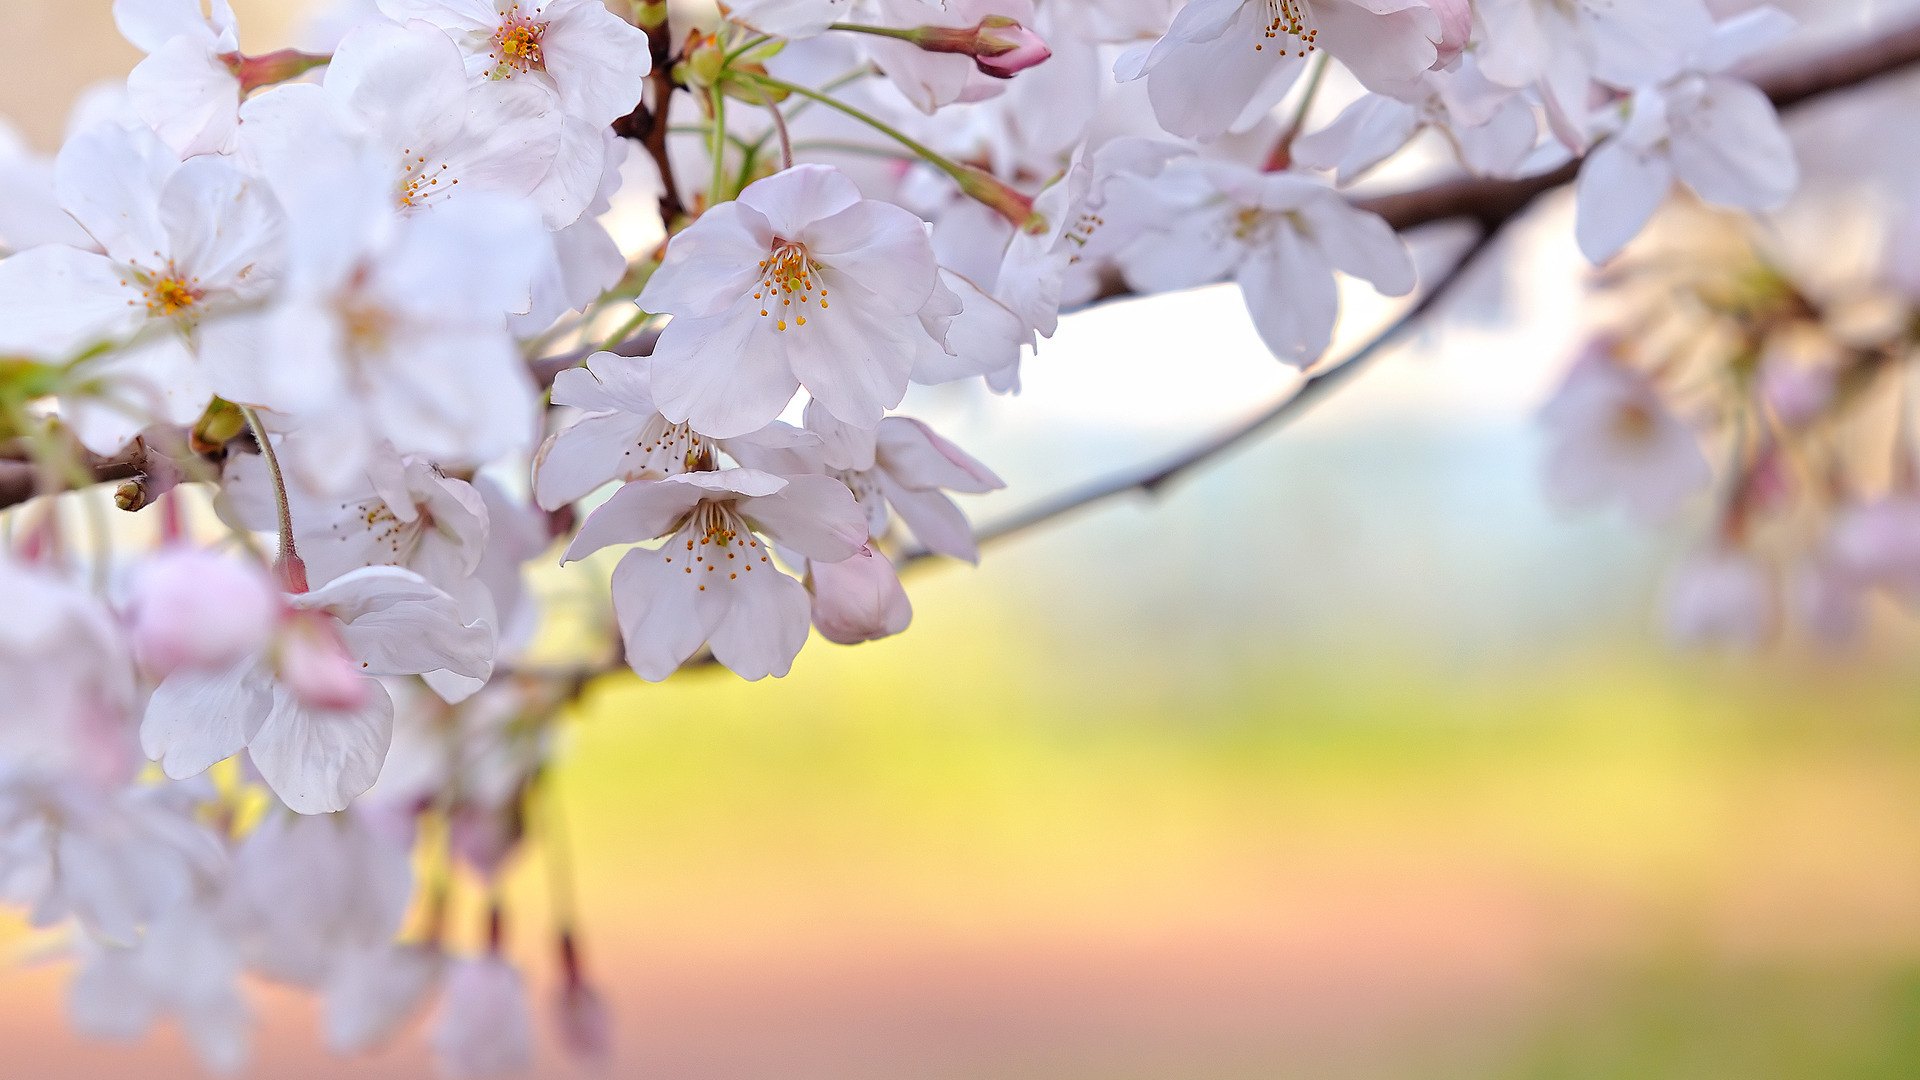 Опавшие лепестки цветения  № 3170434 бесплатно